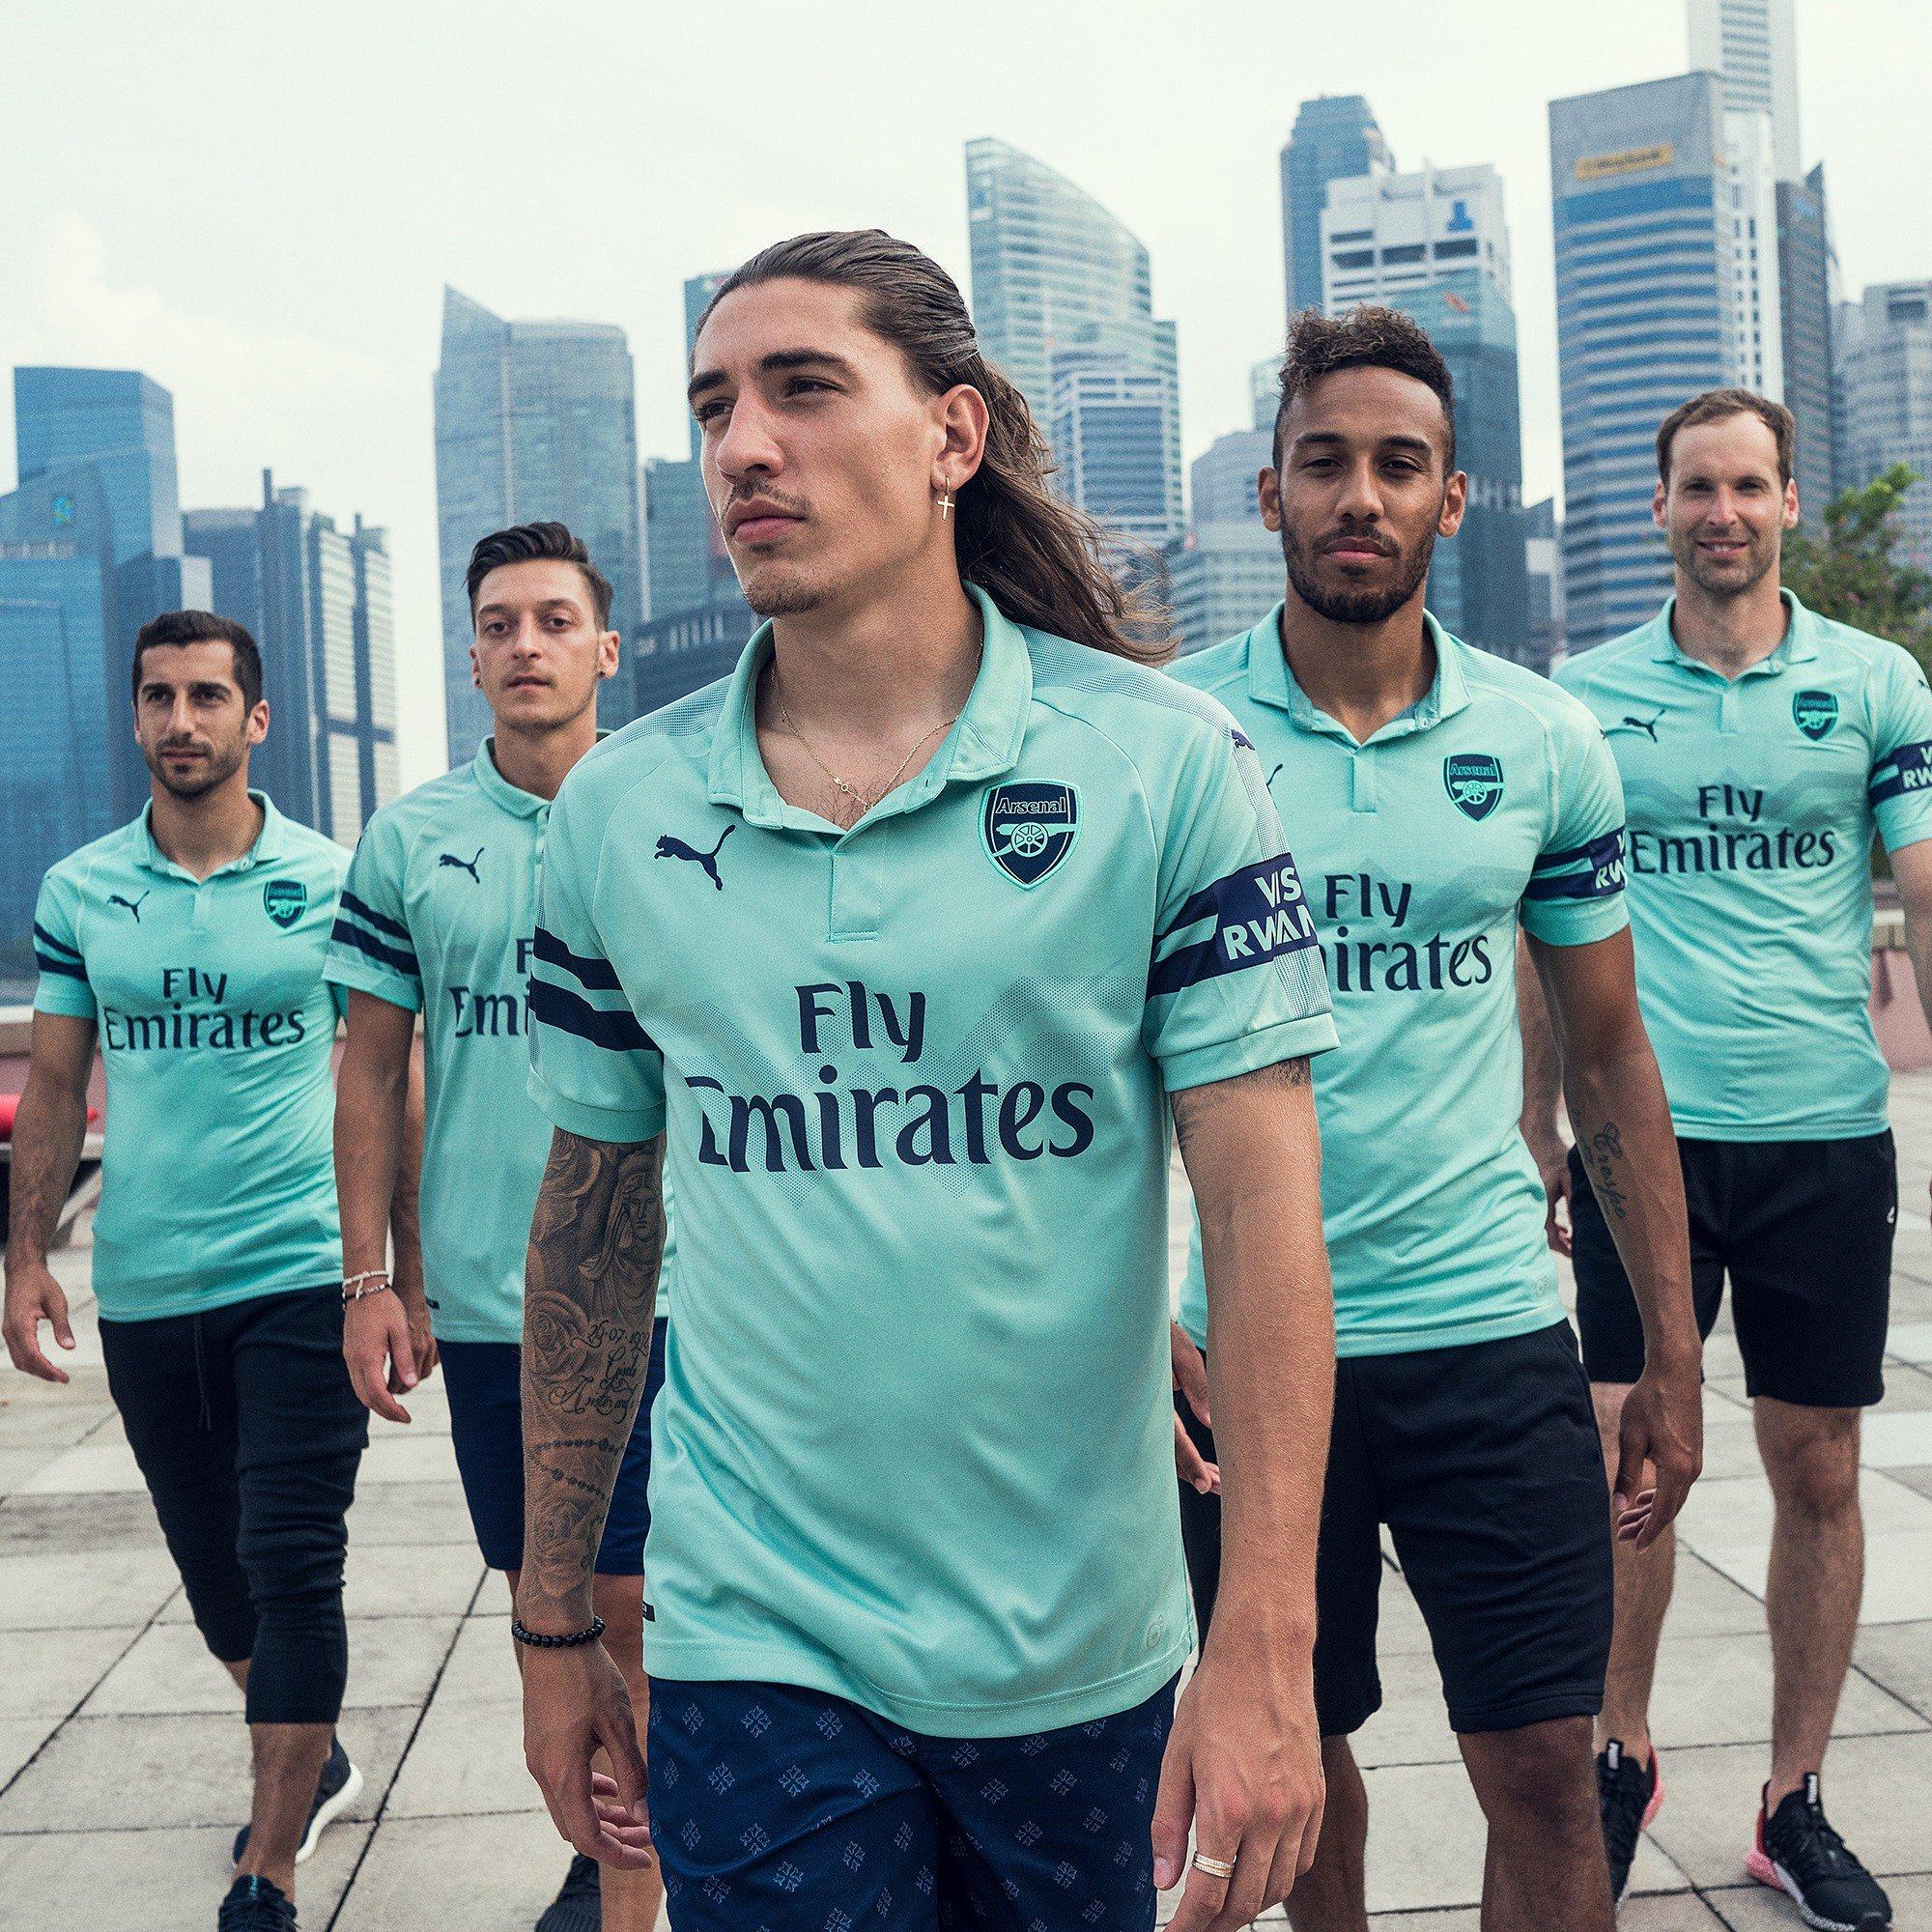 O Arsenal lançou nesta sexta-feira sua nova camisa 3. 35c885a2b32c4